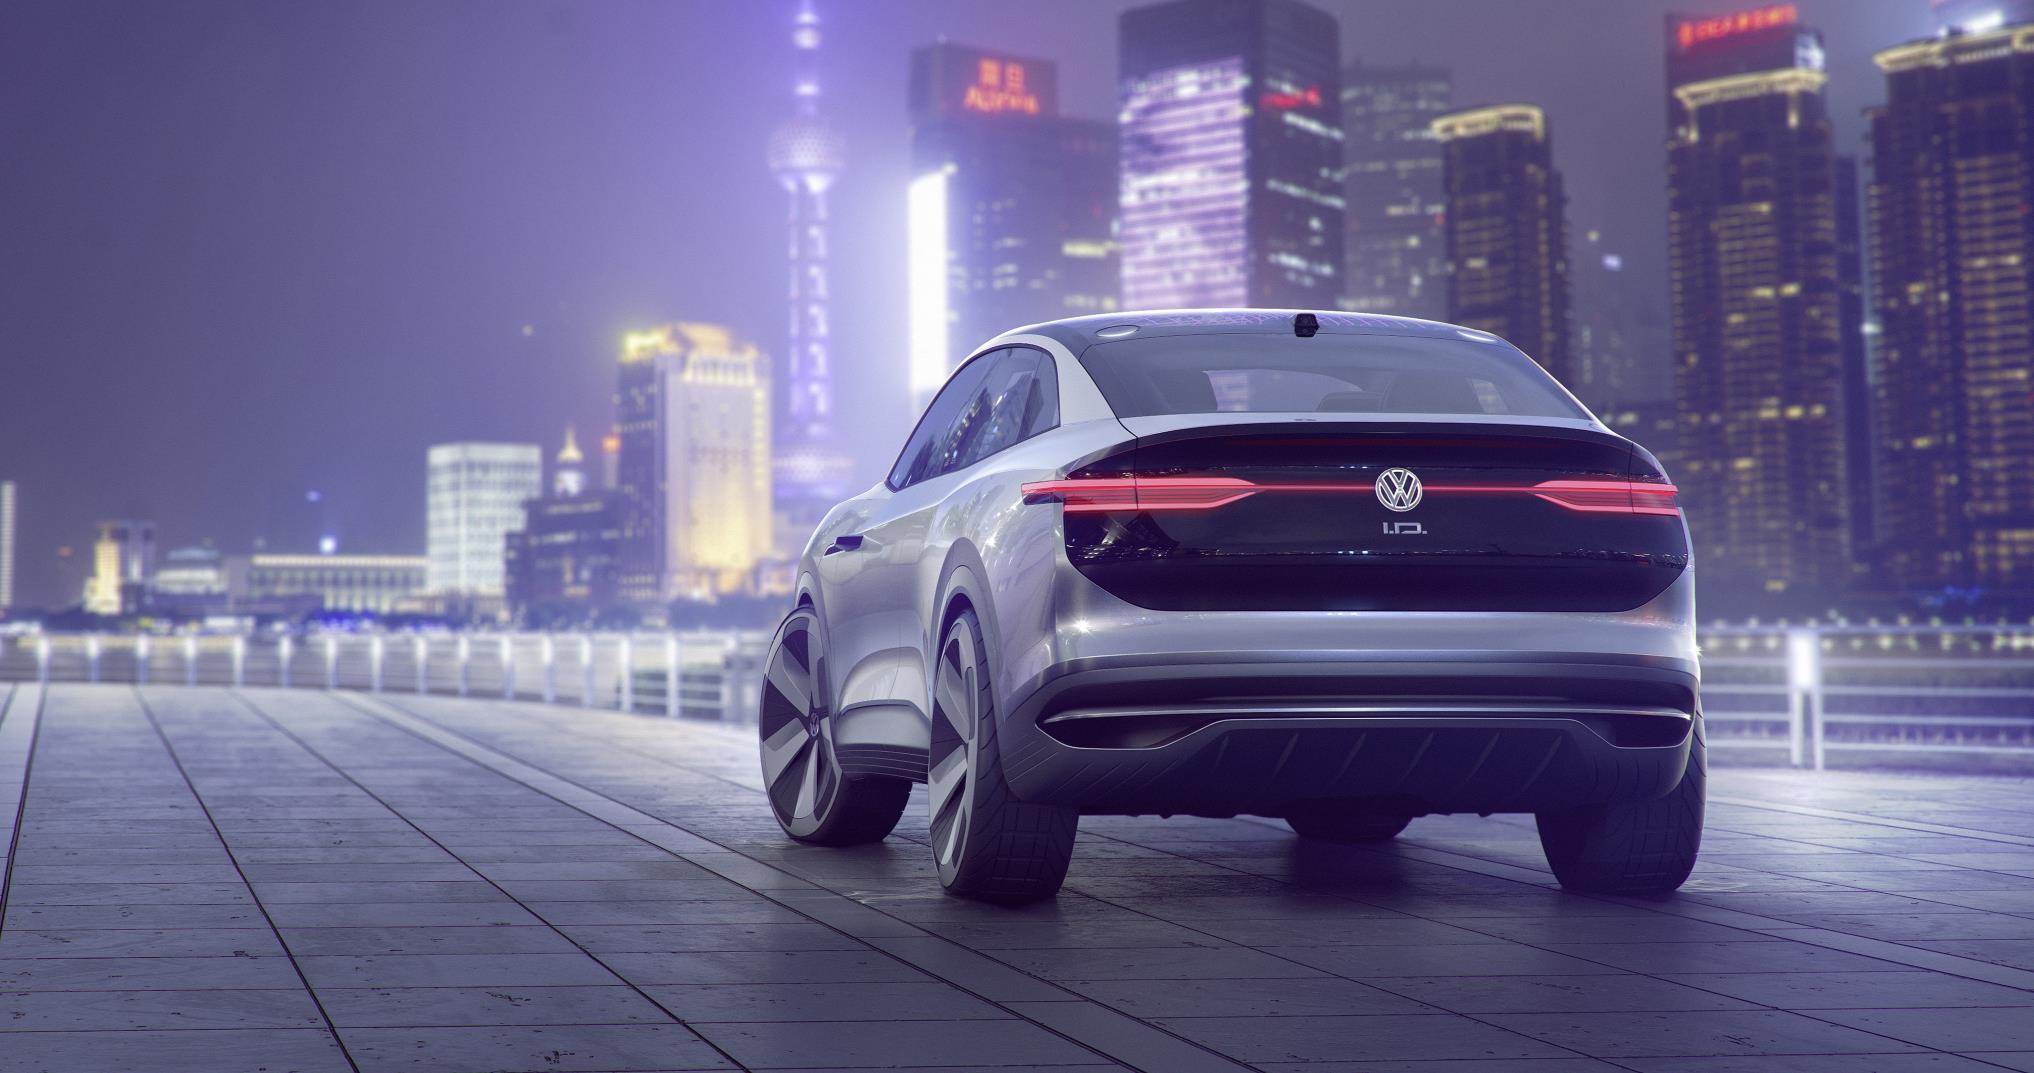 Полный привод I.D. CROZZ полностью оснащен новейшими полуавтономными системами управления, включая «полностью автономный» I.D. пилот, который включается удерживанием логотипа VW на рулевом колесе в течение 3 секунд.